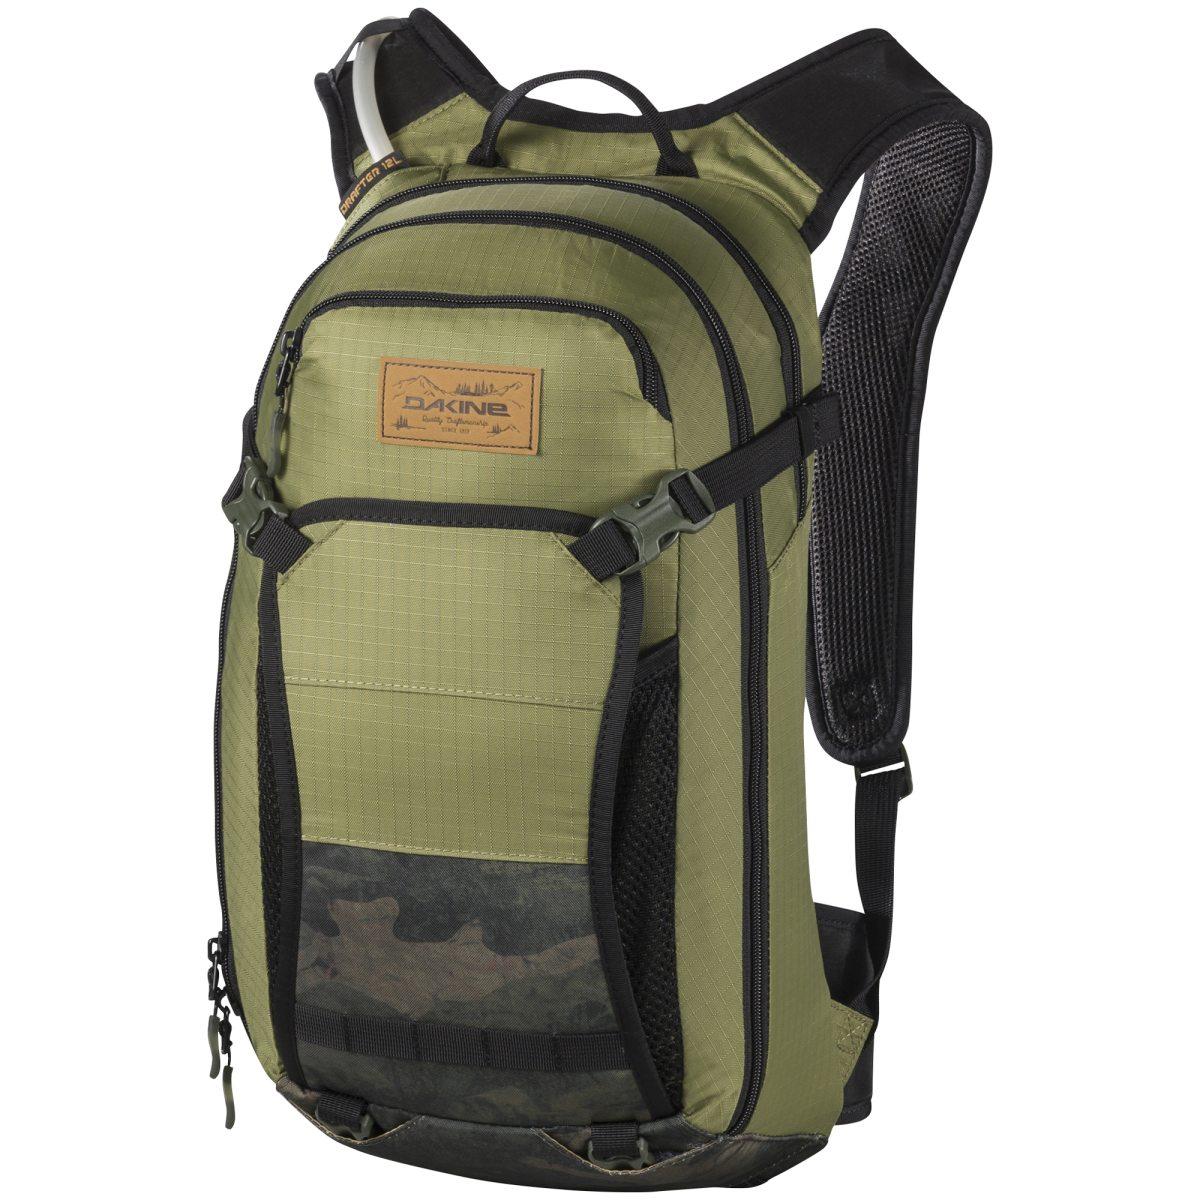 dakine hydration pack drafter 12 l +2 16 vätskeryggsäck ryggsäckar med  integrerat. 10306216fec88